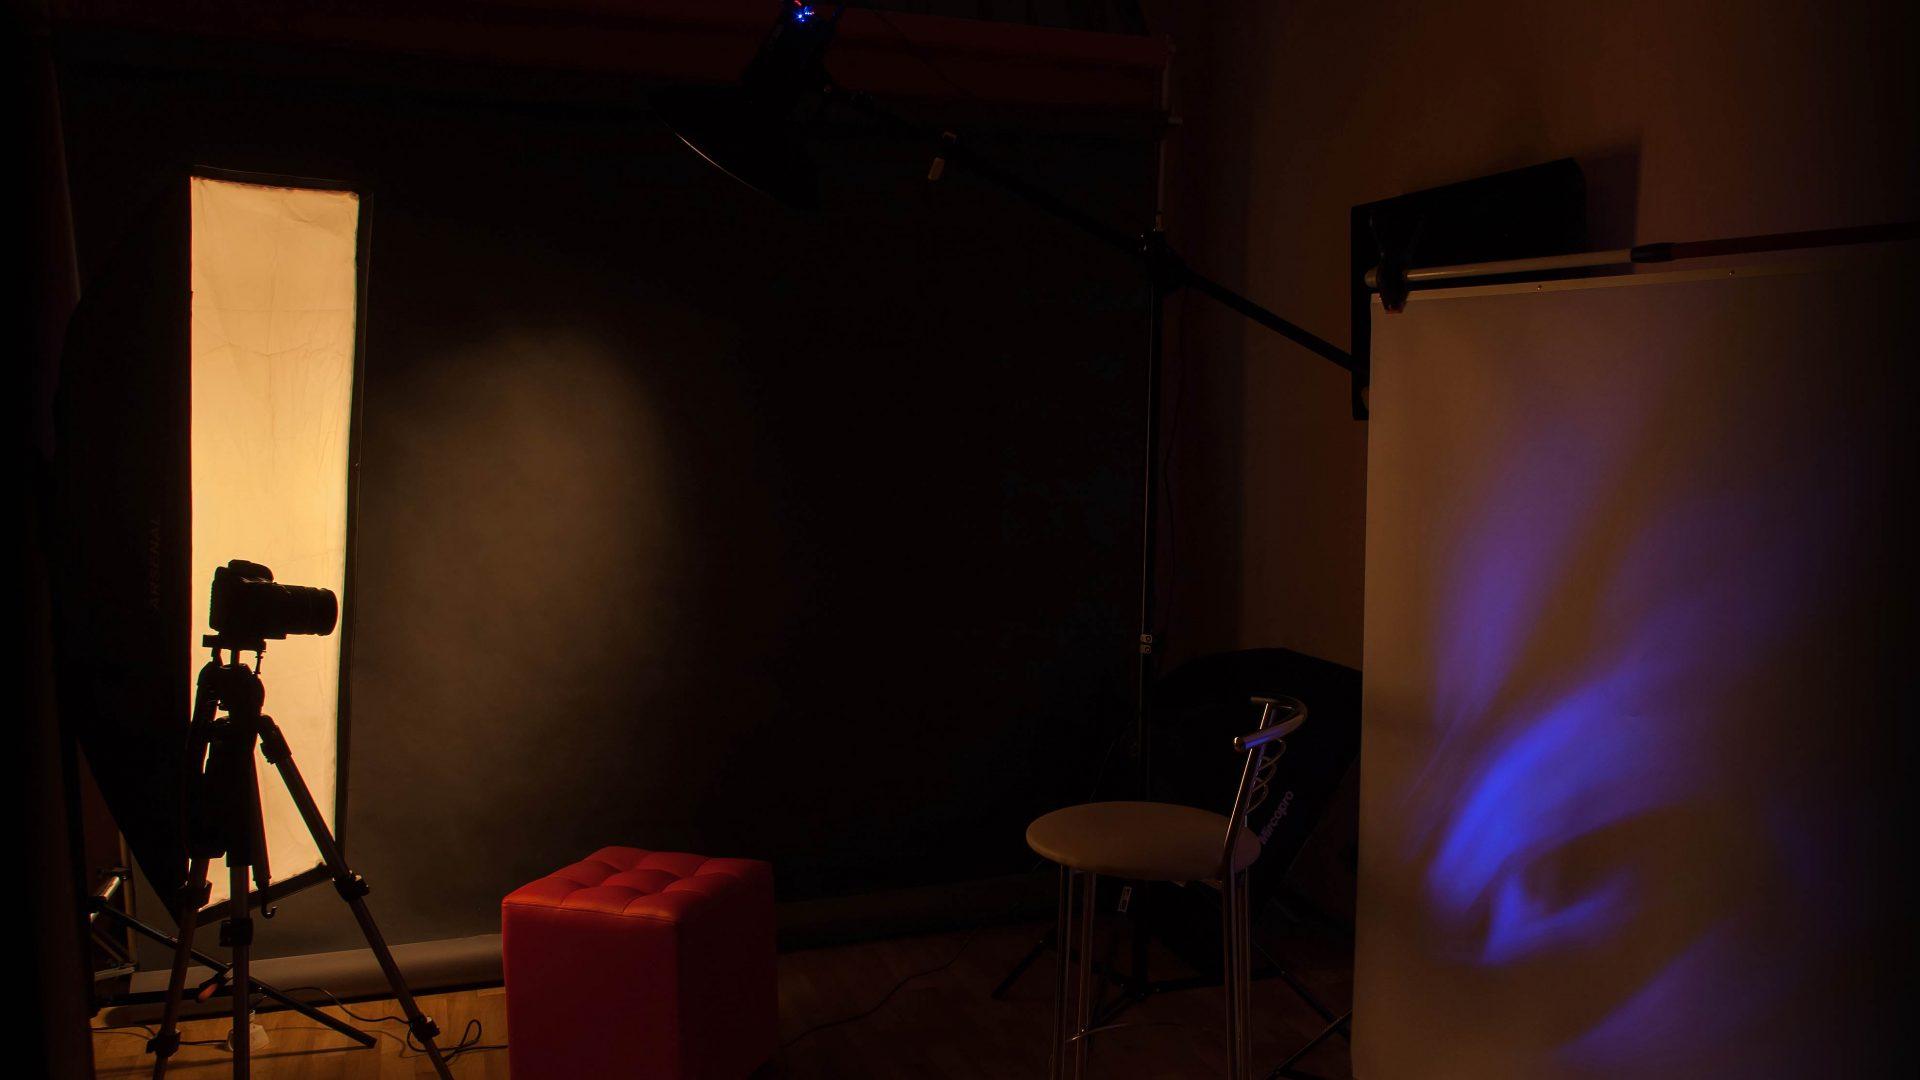 Интерьер фотостудии с оборудованием